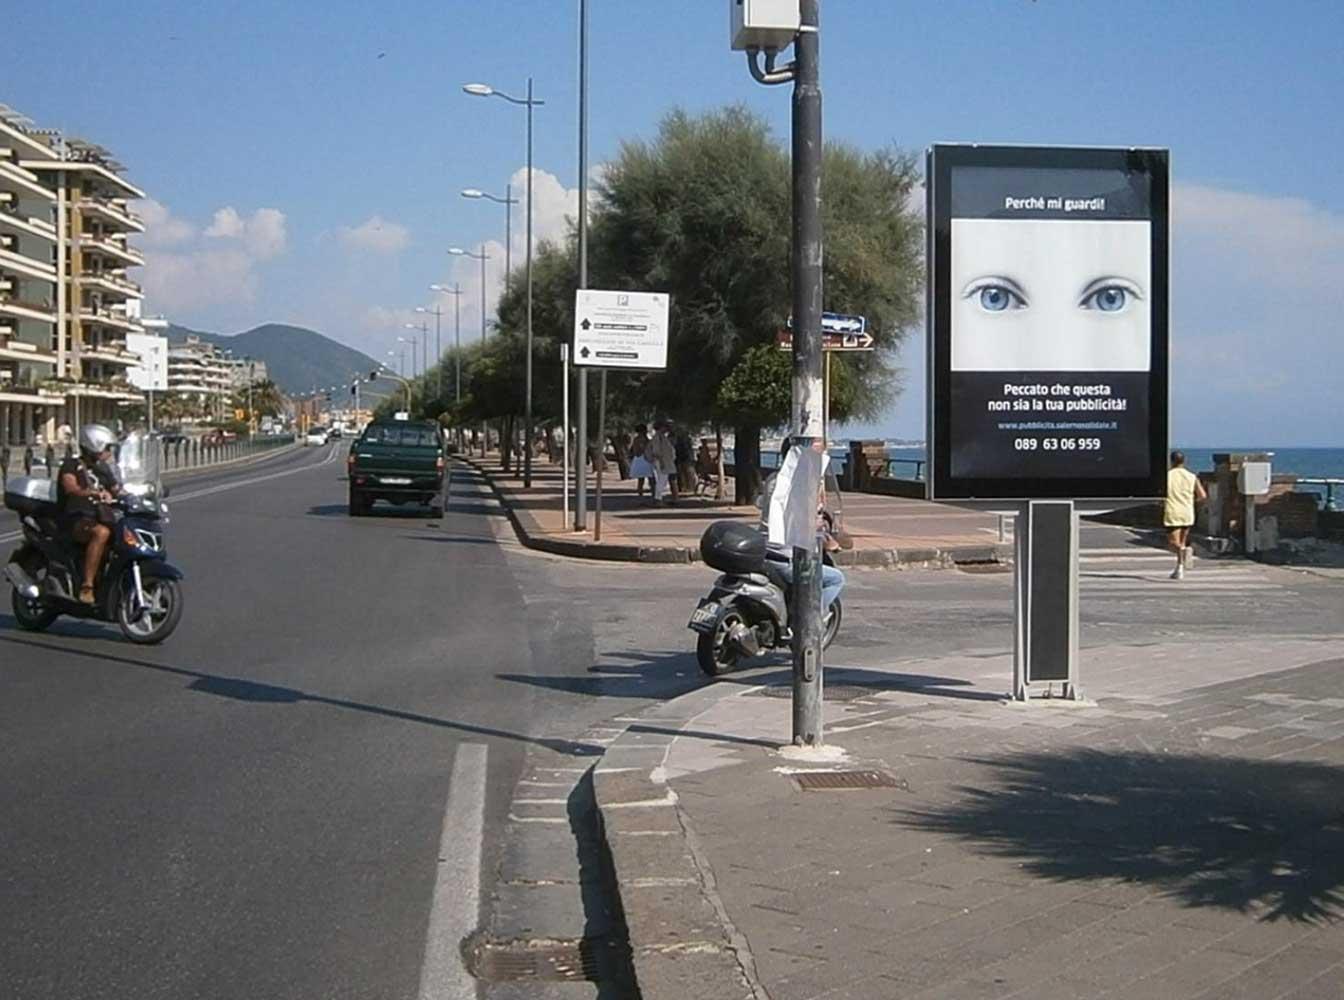 7. Piazza della Concordia 3